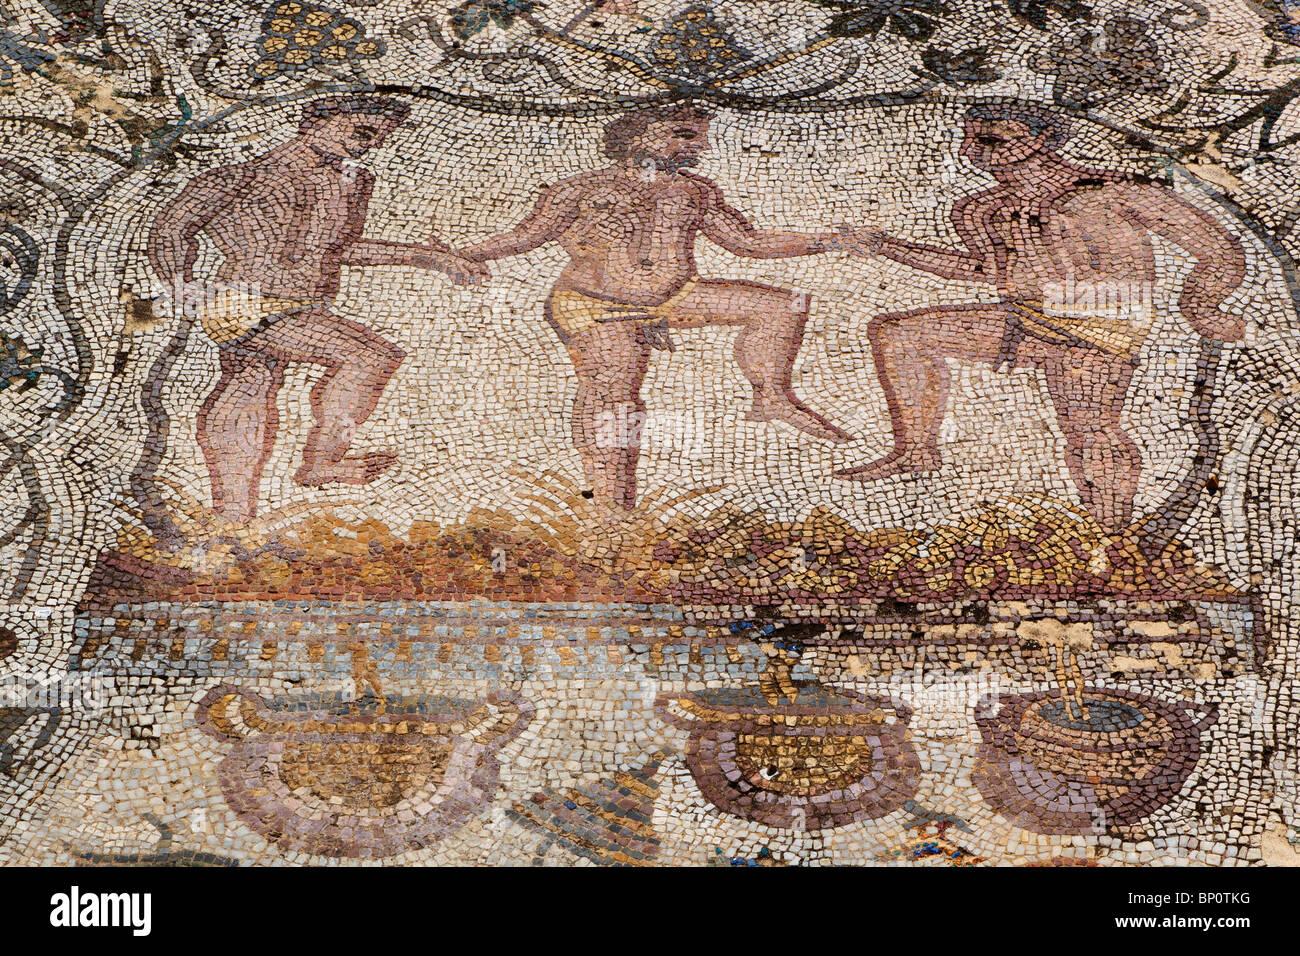 Merida, provincia di Badajoz, Spagna. Mosaico di uomini calcando le uve da vino Immagini Stock